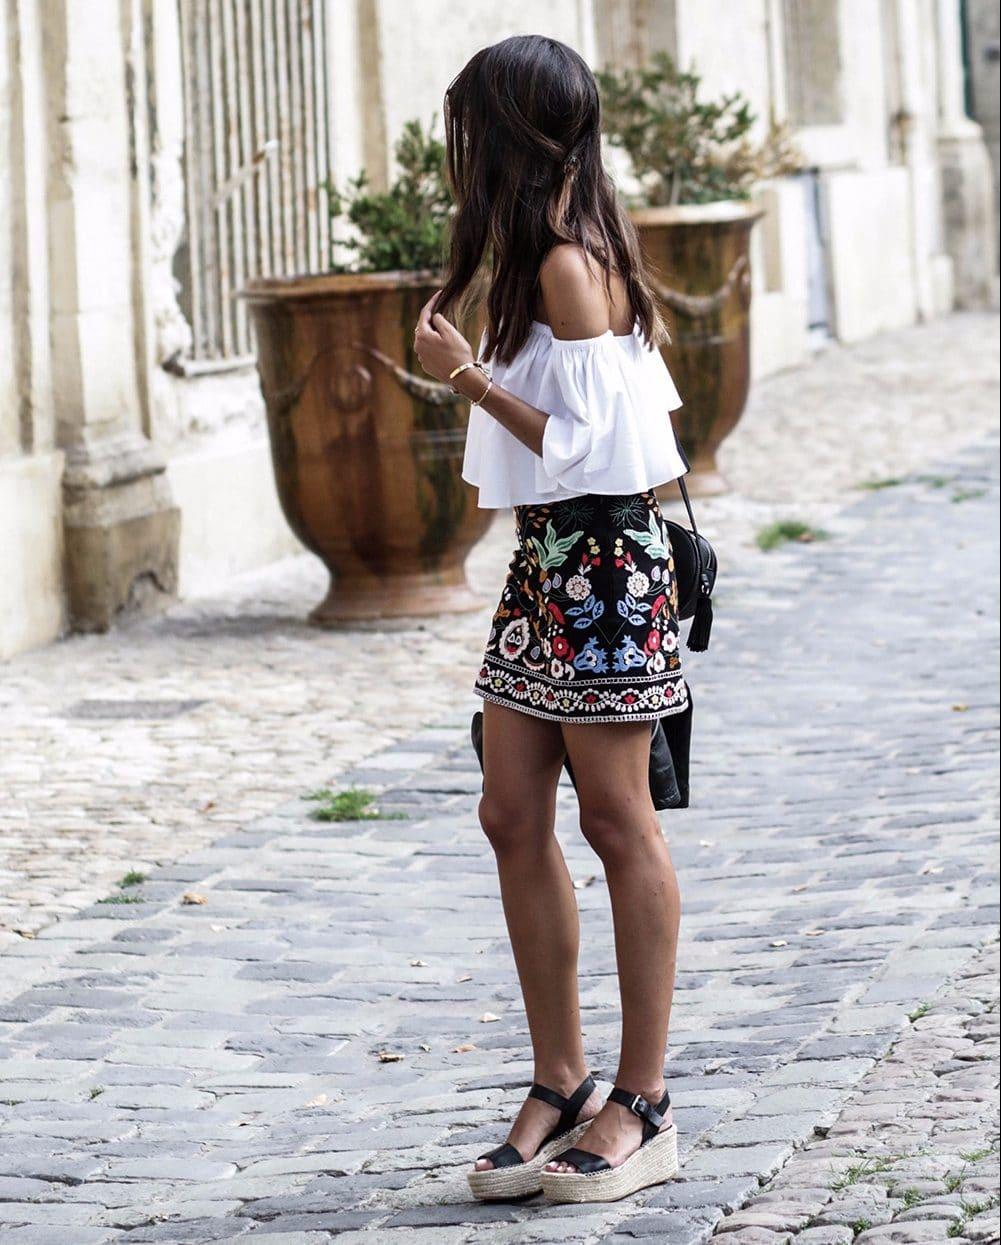 Юбка-мини с вышивкой купить на Алиэкспресс